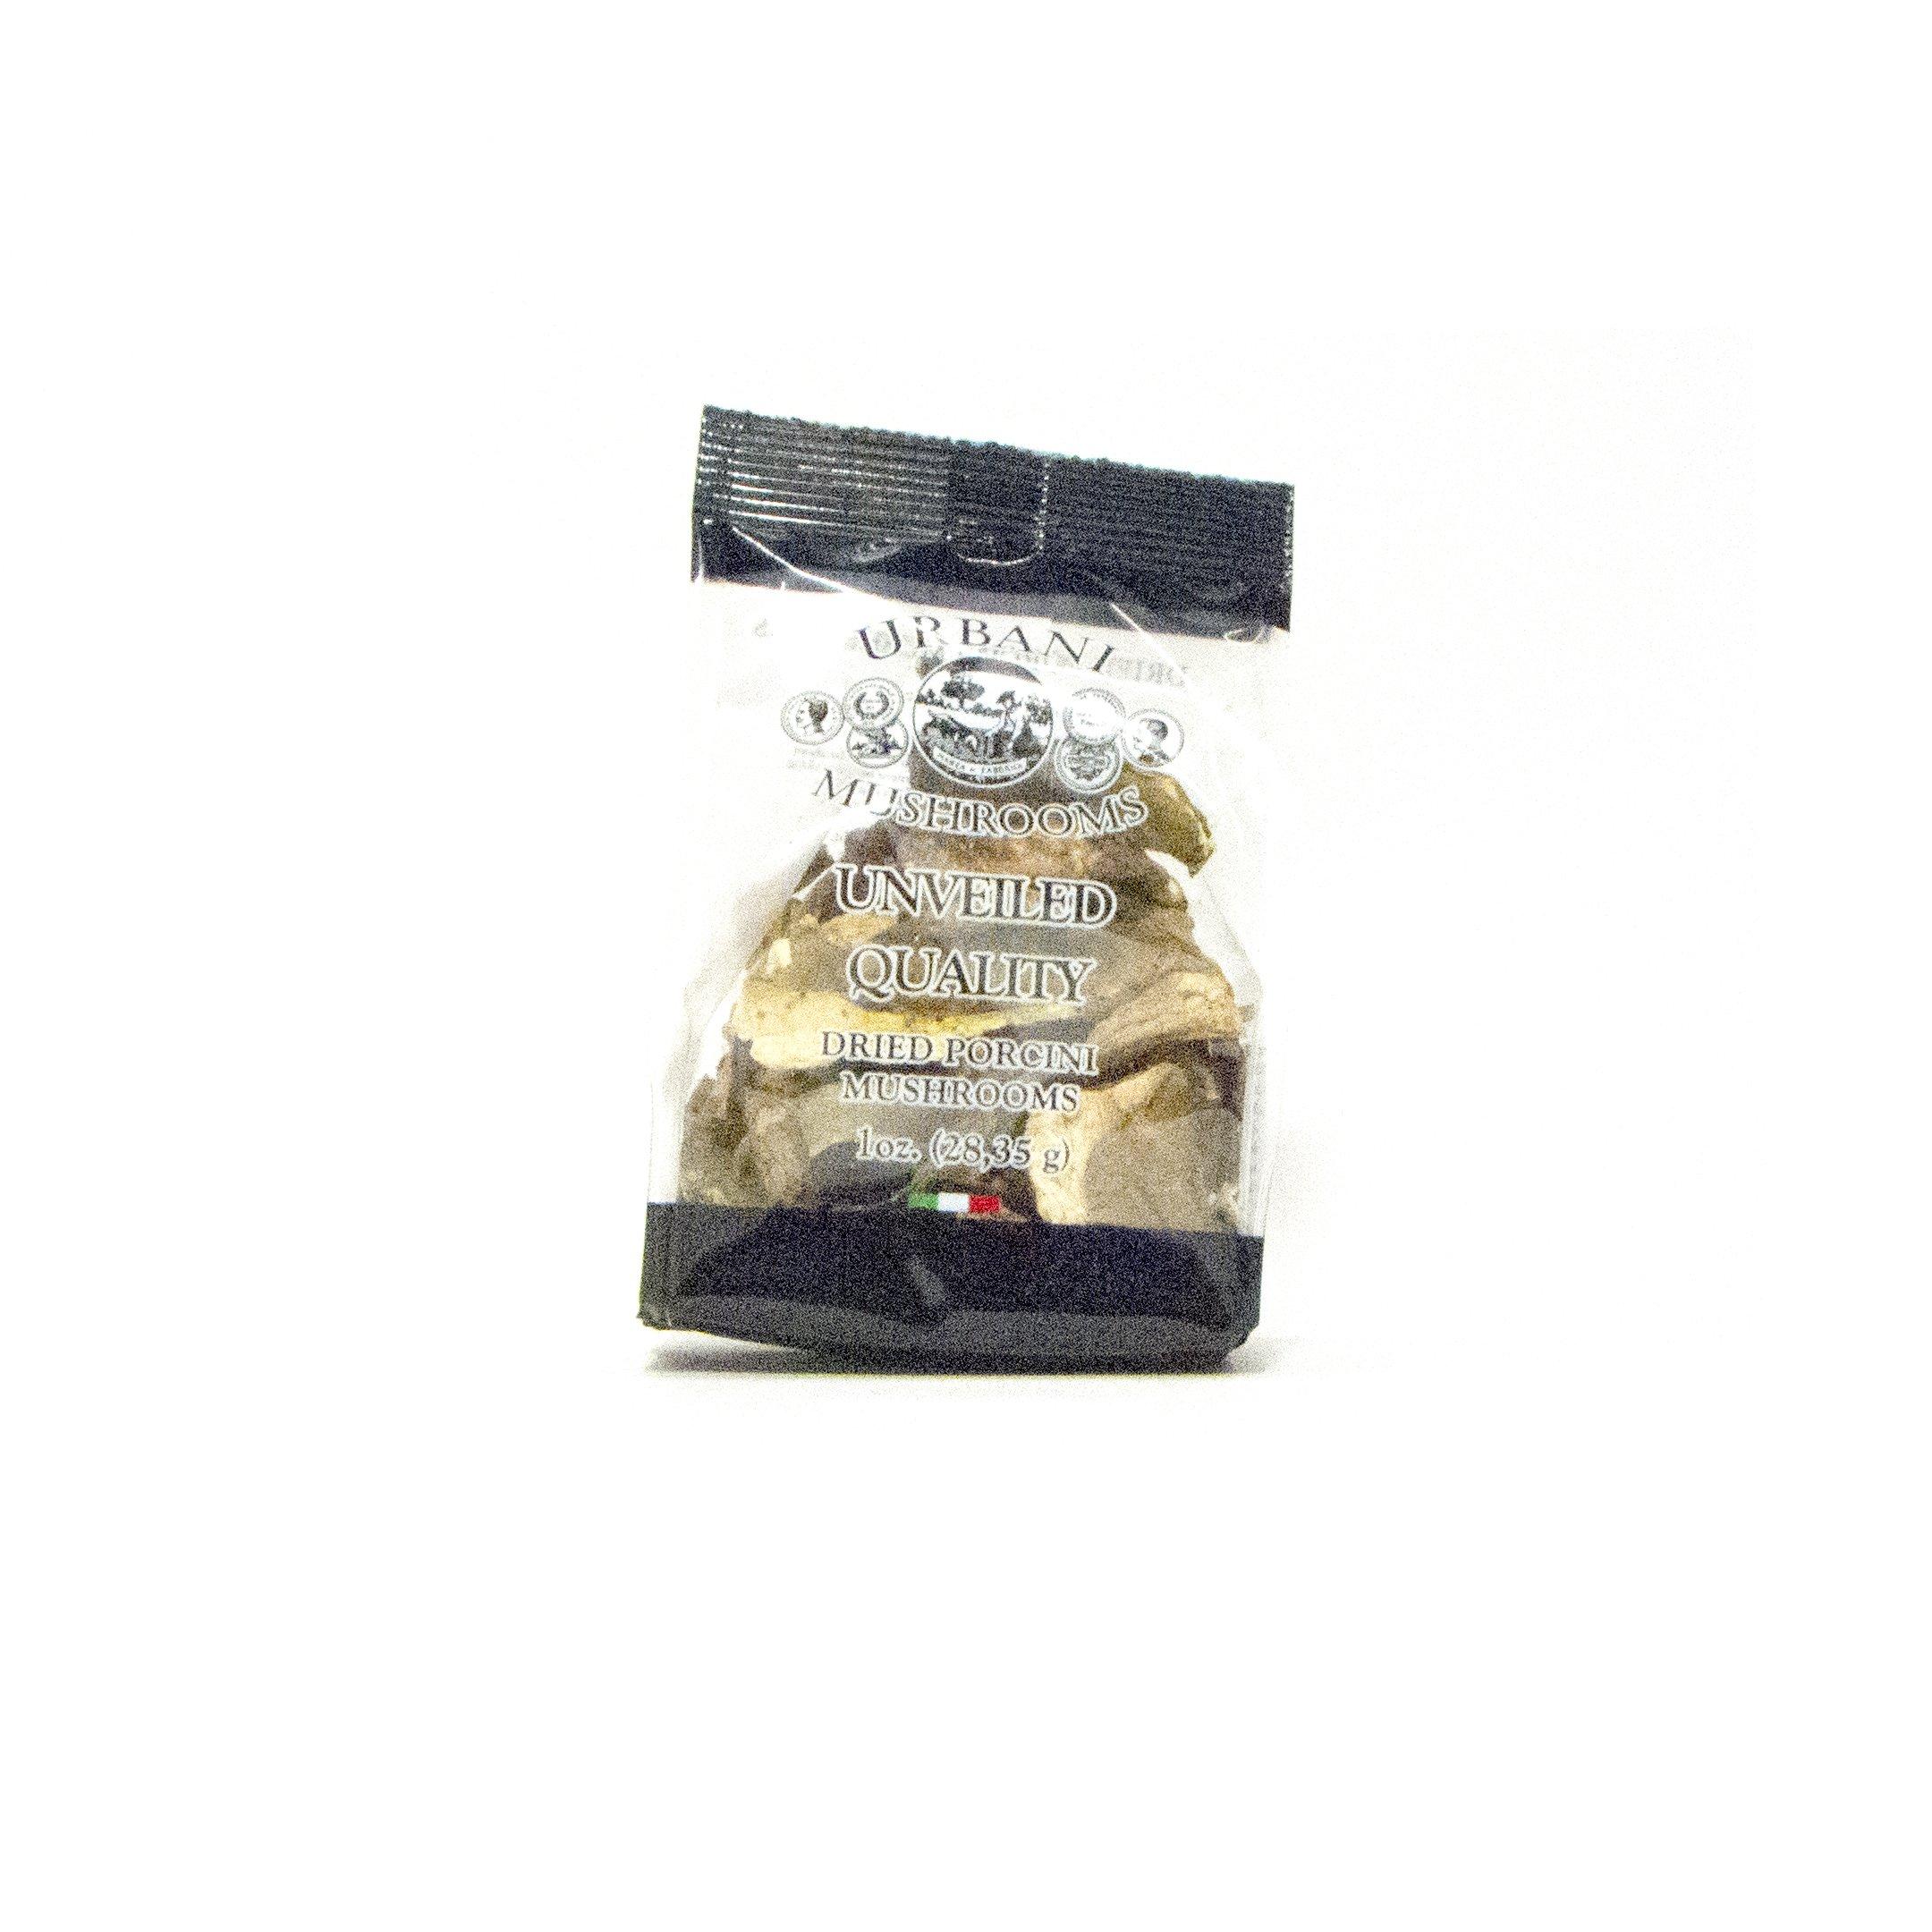 URBANI Dried Porcini Mushrooms, 1 Ounce